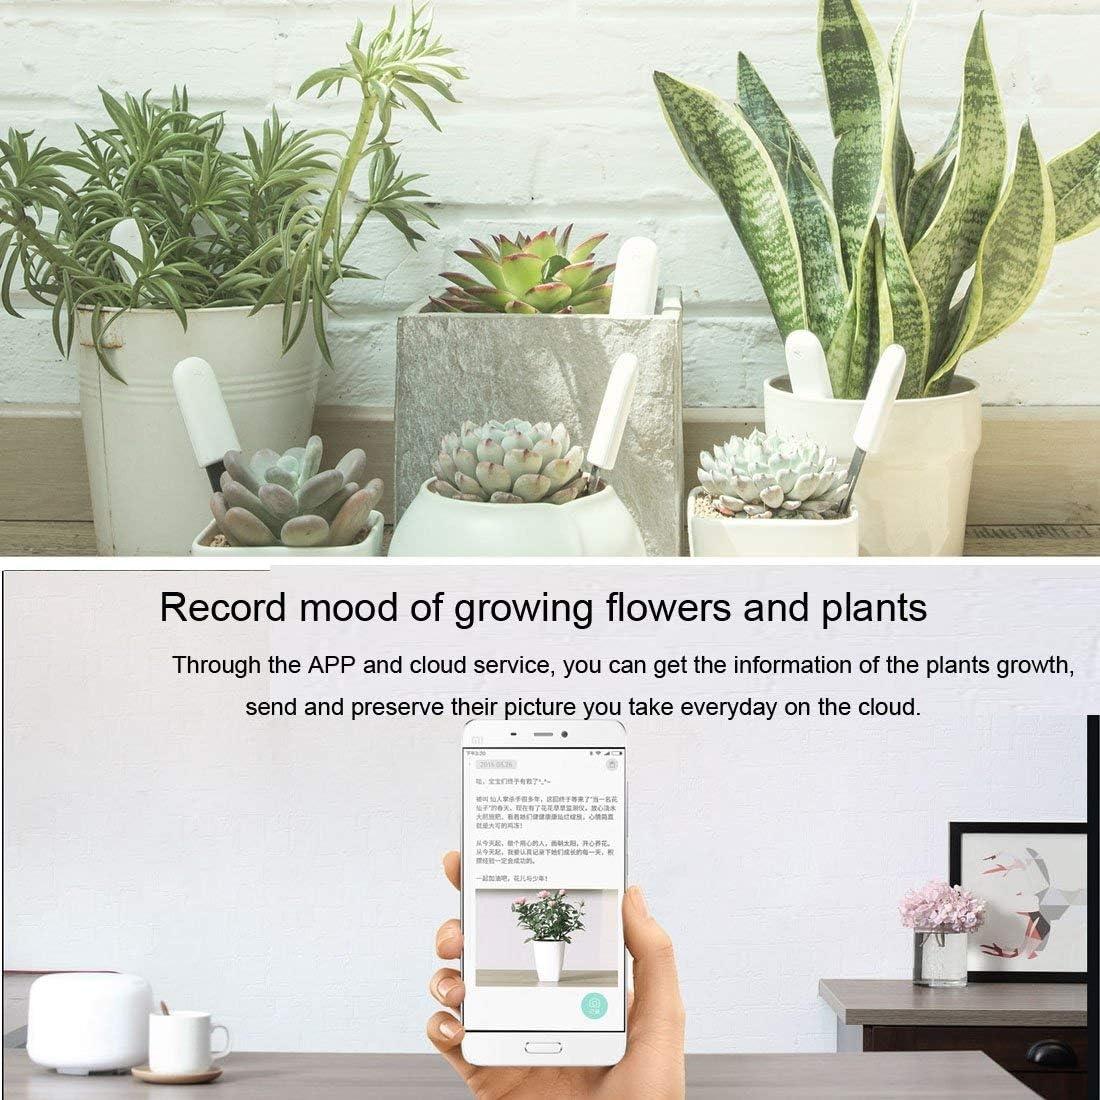 Flower Care for Xiaomi Flora Pflanzen Clever 4 in 1 Smart Plant Luftfeuchtigkeit Helligkeit D/ünger Temperatur,mit Bluetooth und App-Kontrolle